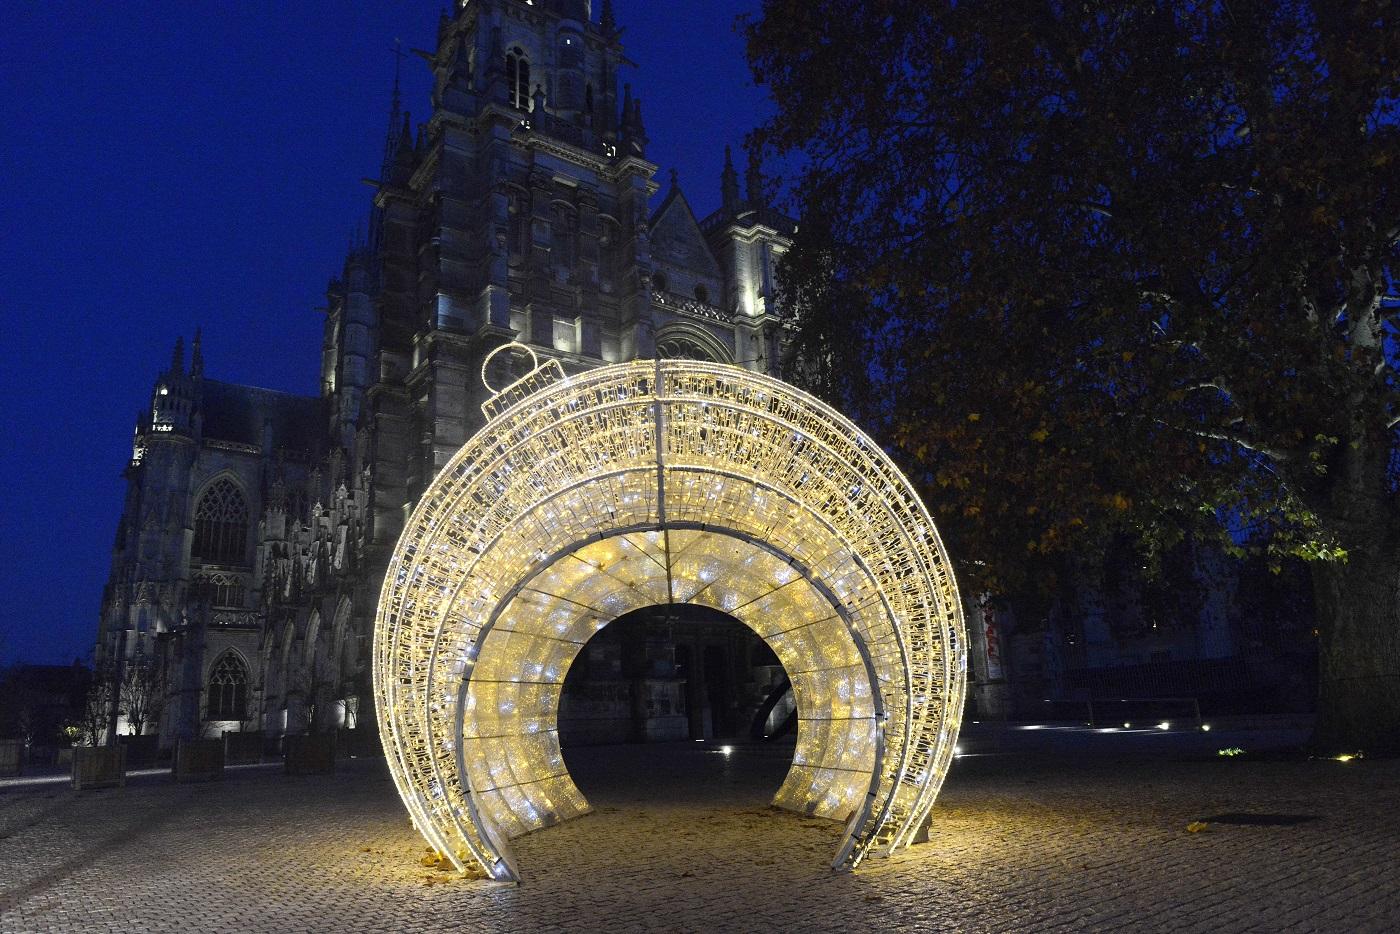 Fêtes de fin d'année à Évreux : un centre-ville féérique pour faire oublier la crise sanitaire